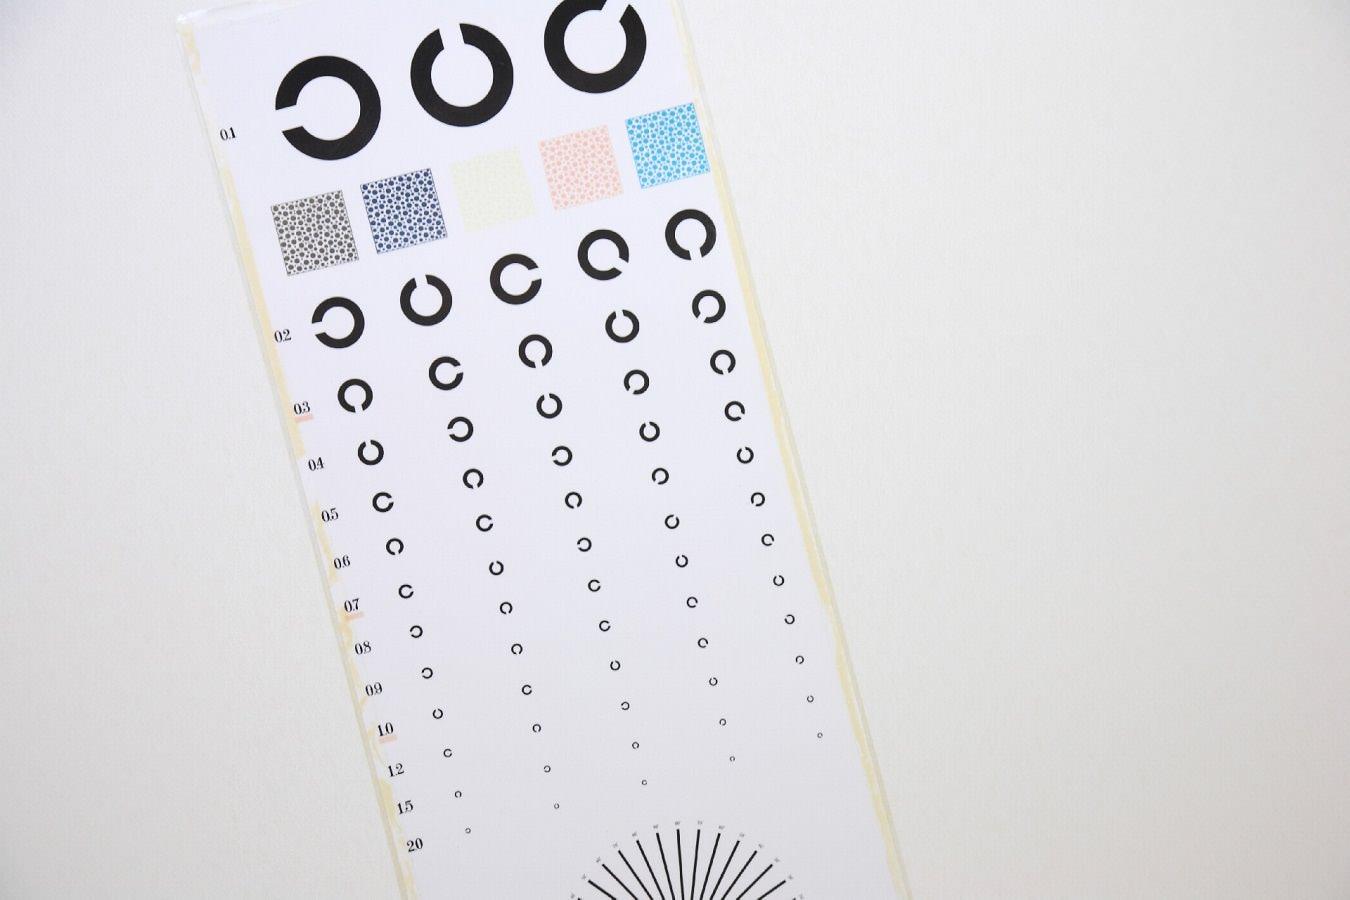 目が悪くなったのを元に戻す!簡単にできる視力回復トレーニング方法5選